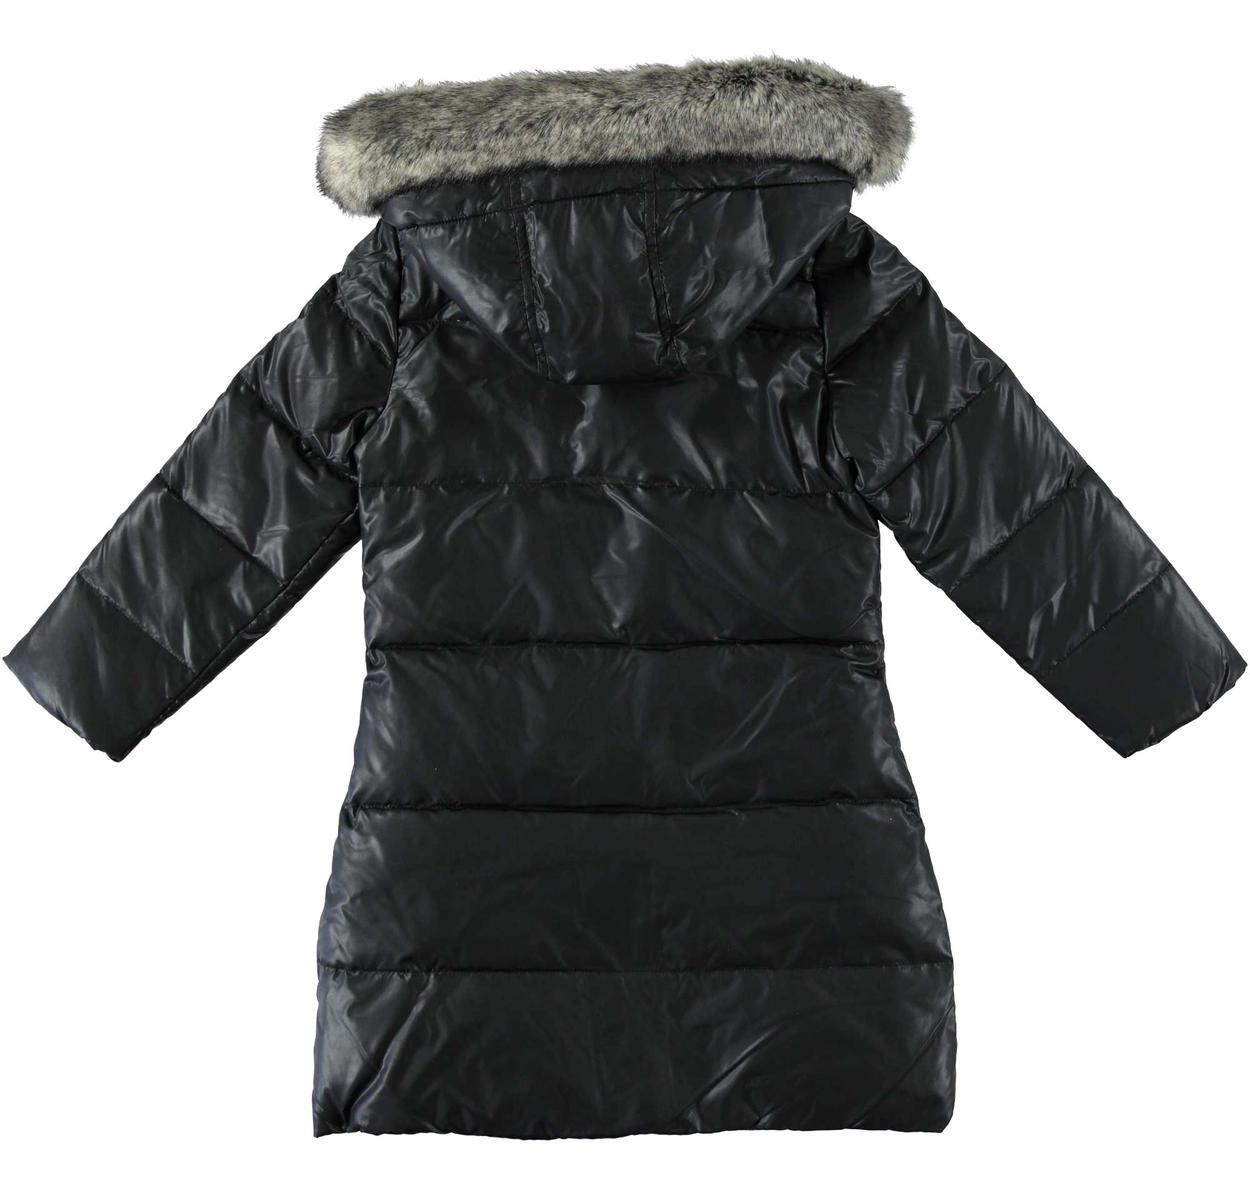 competitive price 33fe2 be454 Piumino lungo in piuma d'oca e foderato in eco pelliccia per bambina da 6 a  16 anni Sarabanda